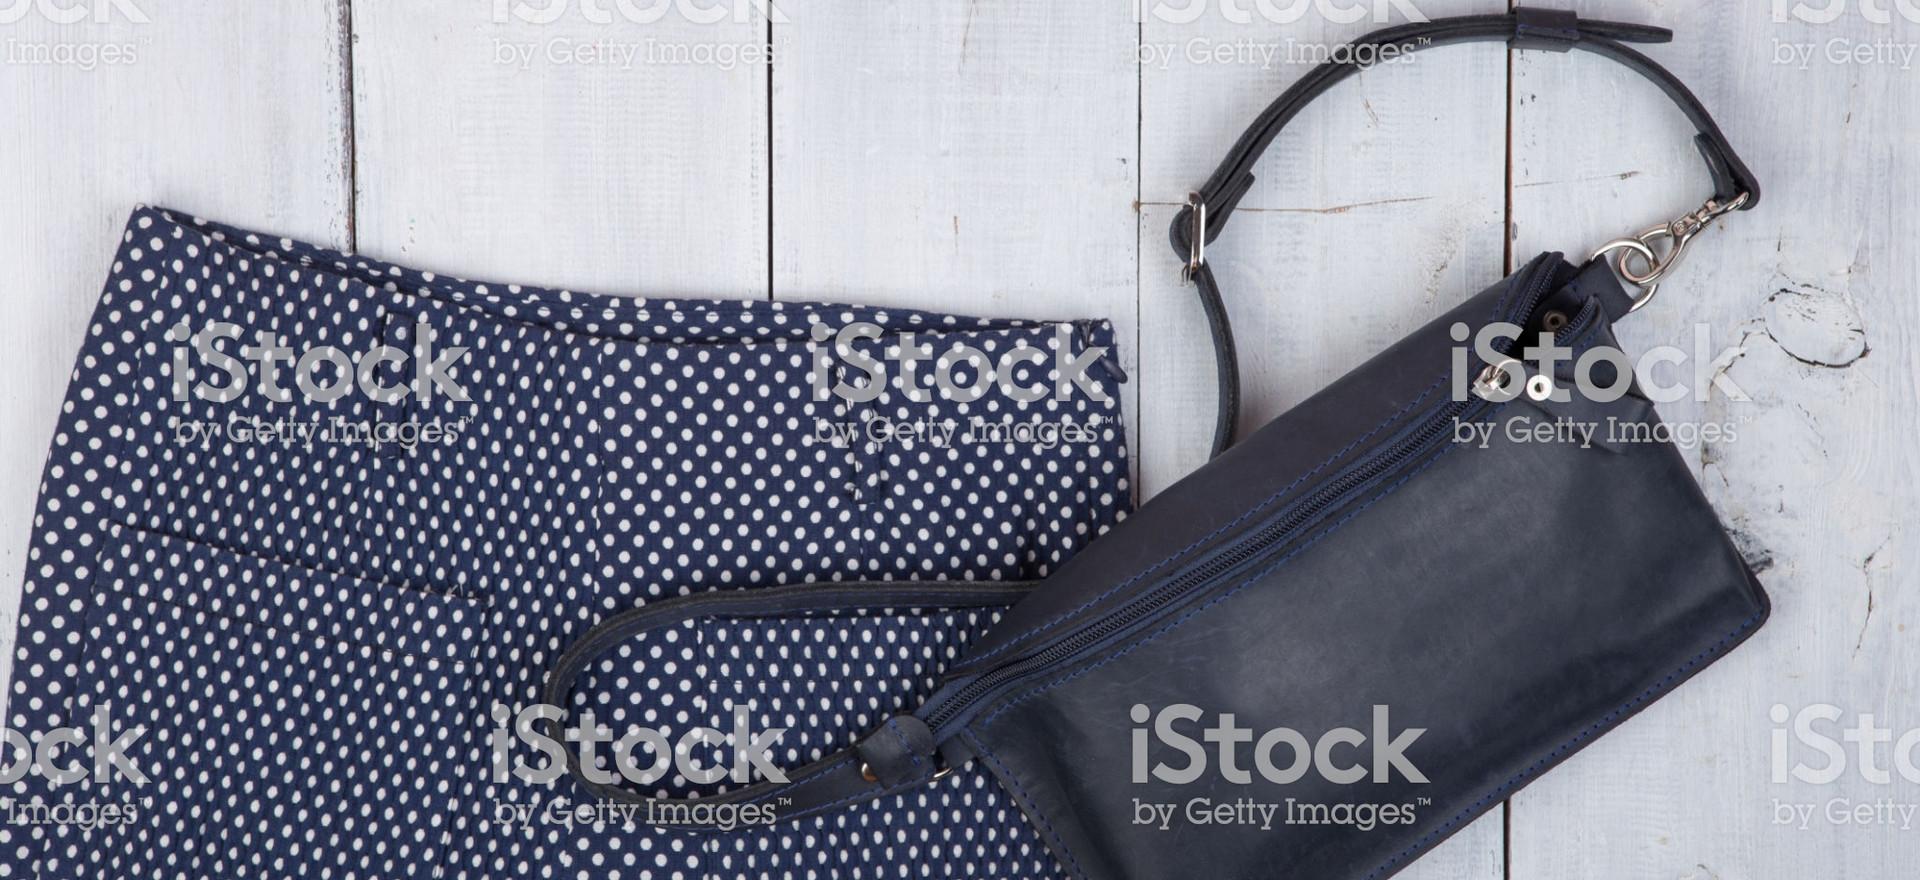 Lätt att ha i handväskan. Den är så enkel att använda.